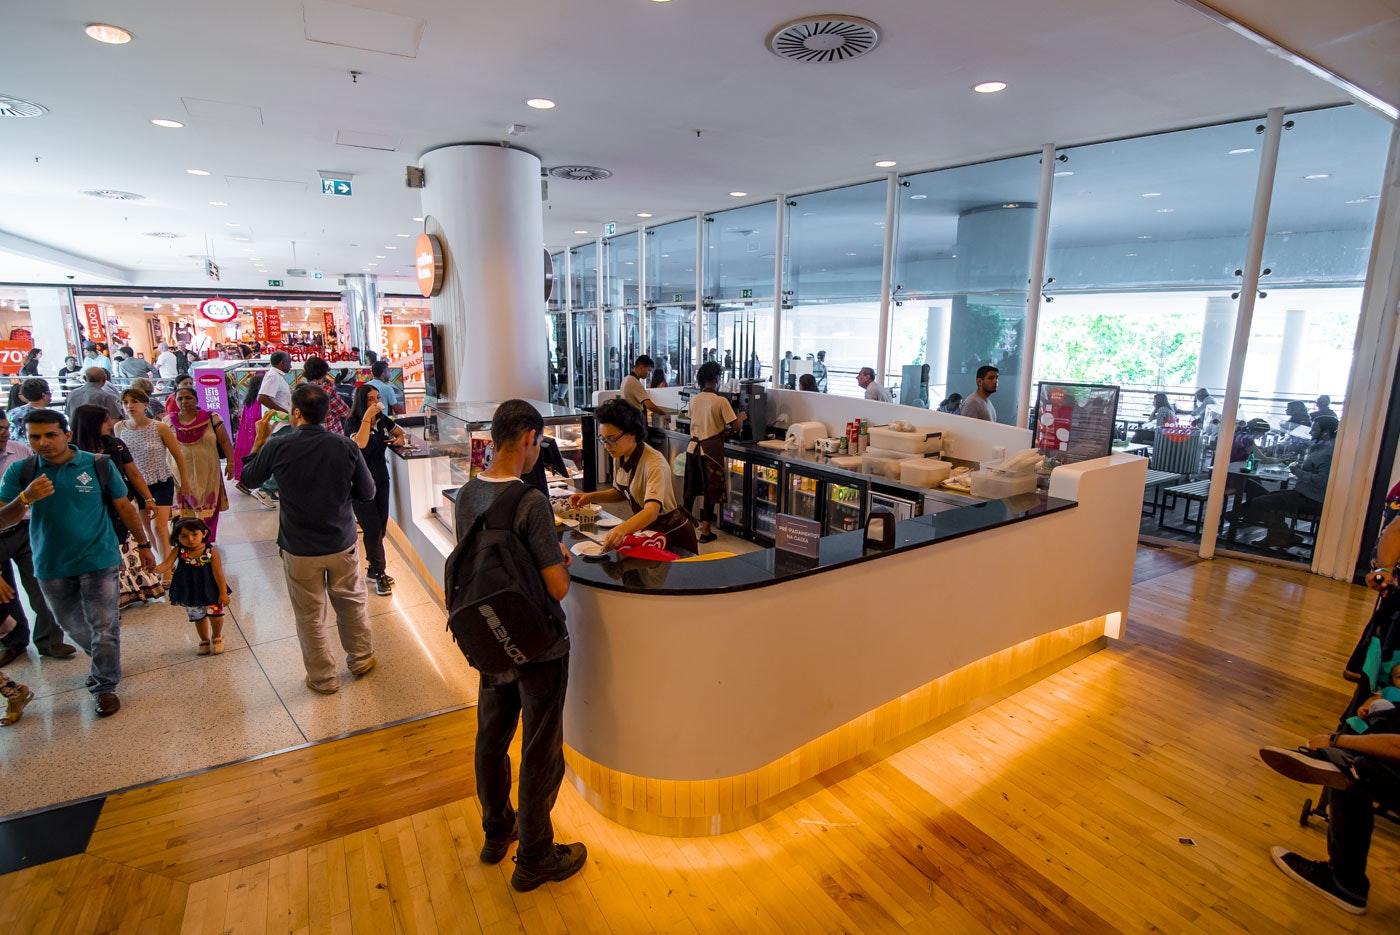 CVG-Quiosque-Café-Centro-Vasco-da-Gama__5